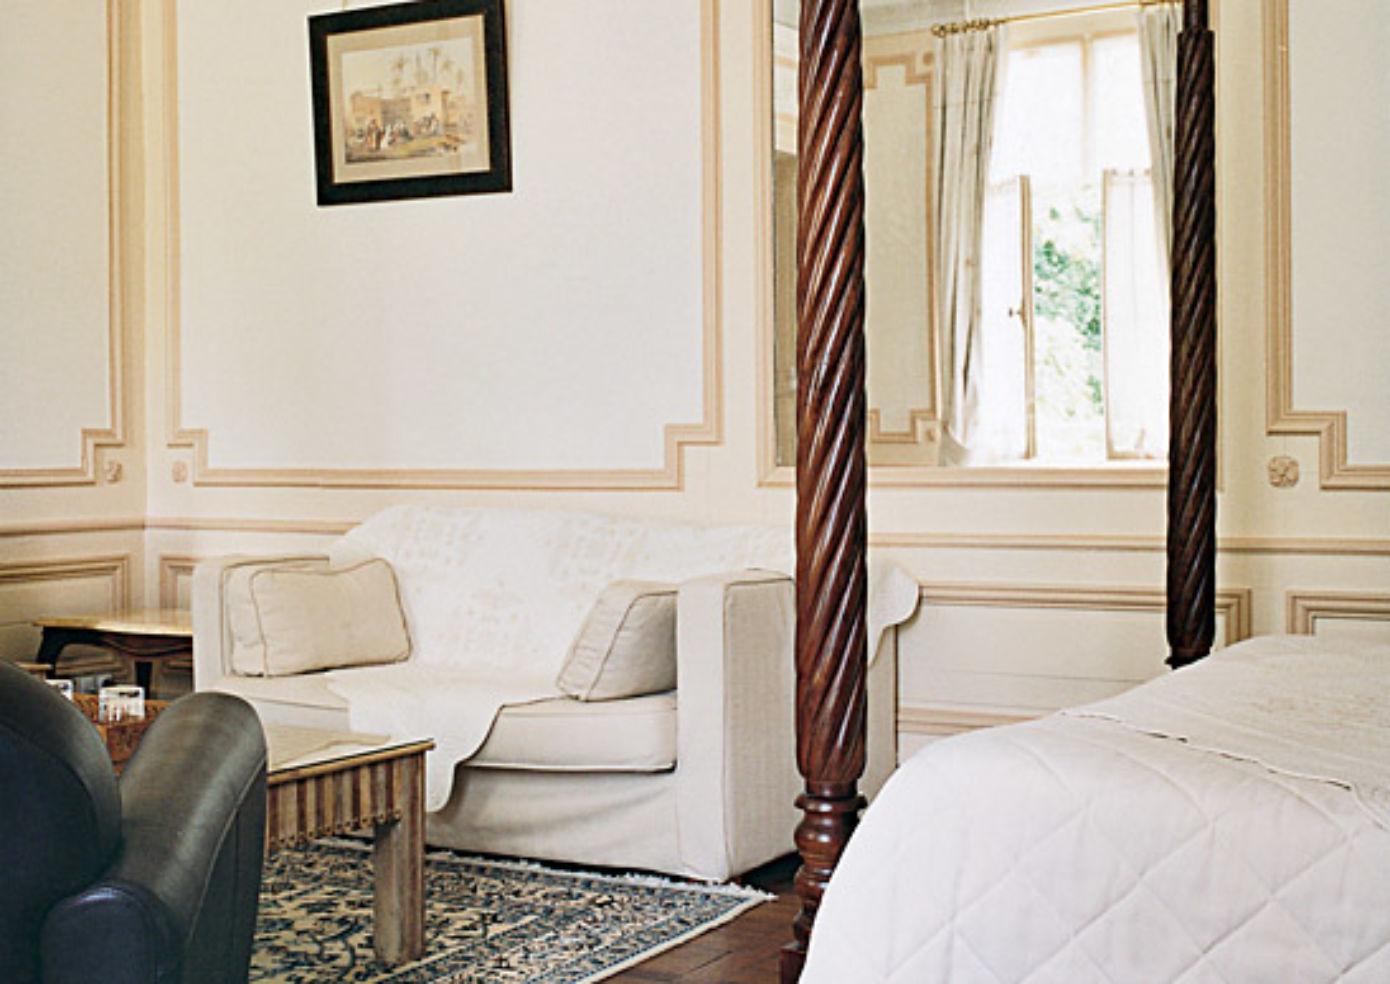 A room at Le Clos d'Amboise, with a mahogany bed.